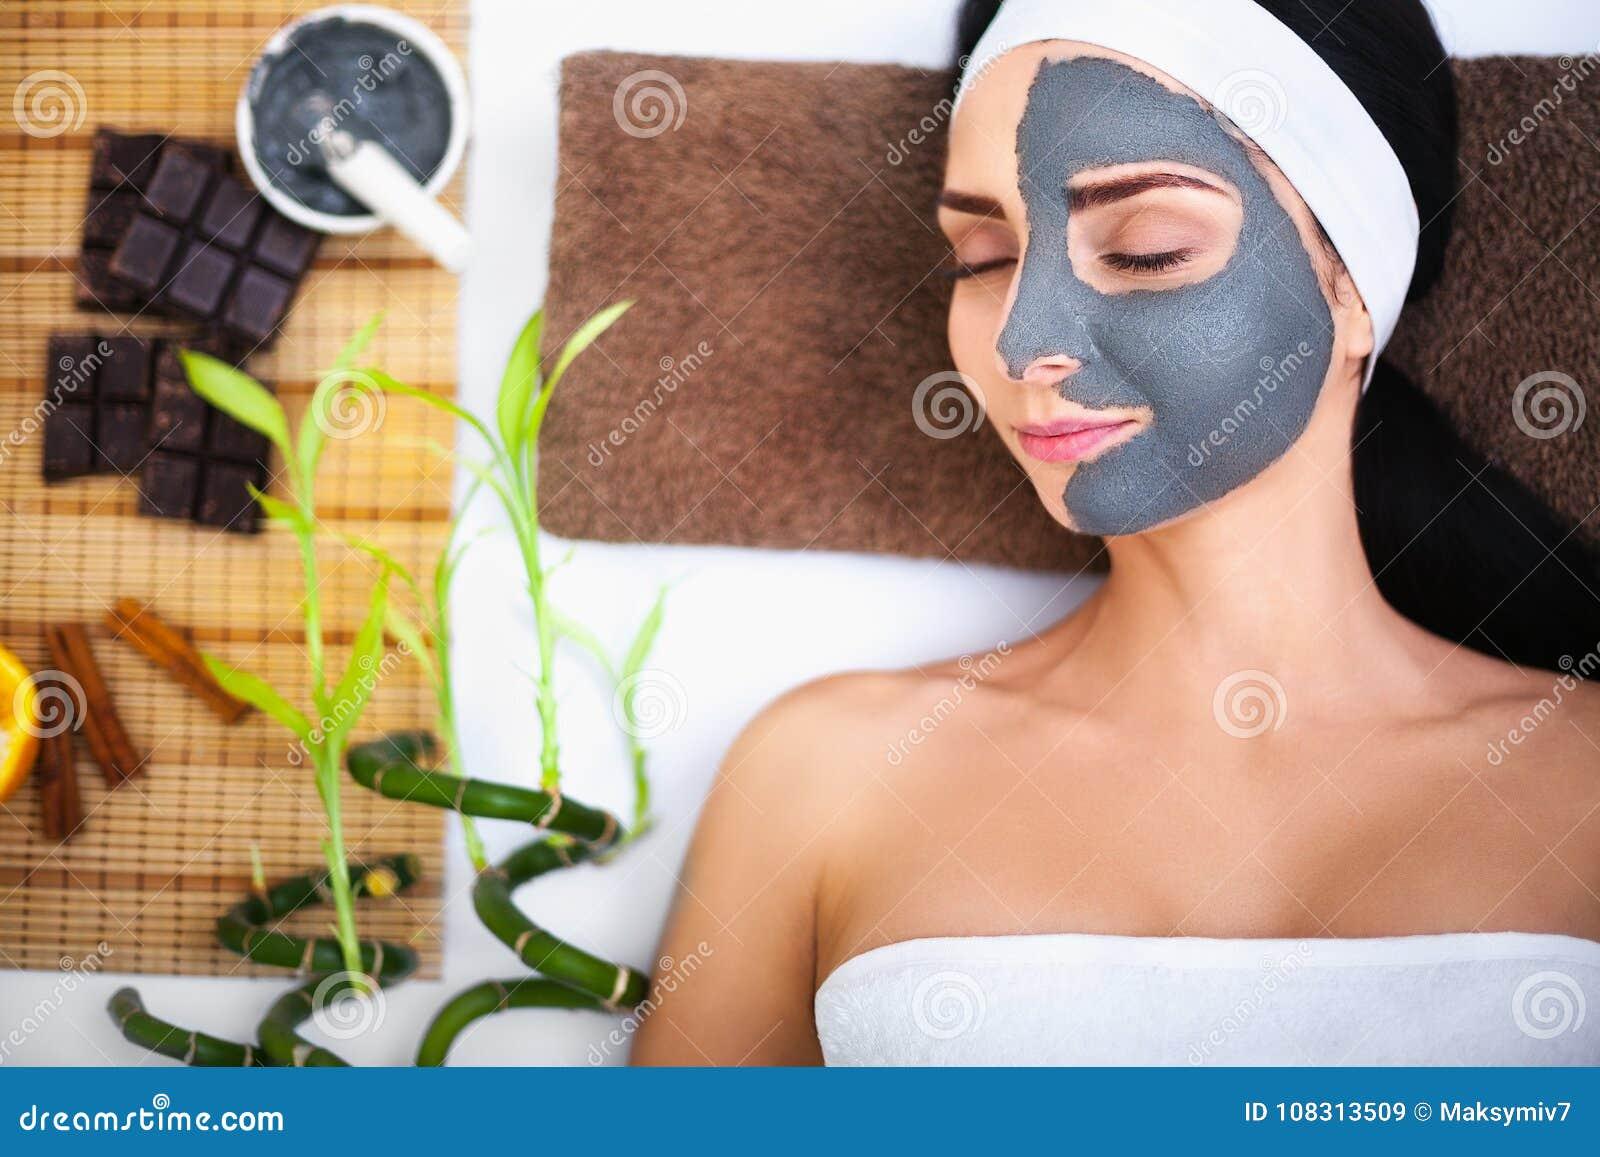 Spa massage för kvinna Terapeut Massaging Female Body med Arom